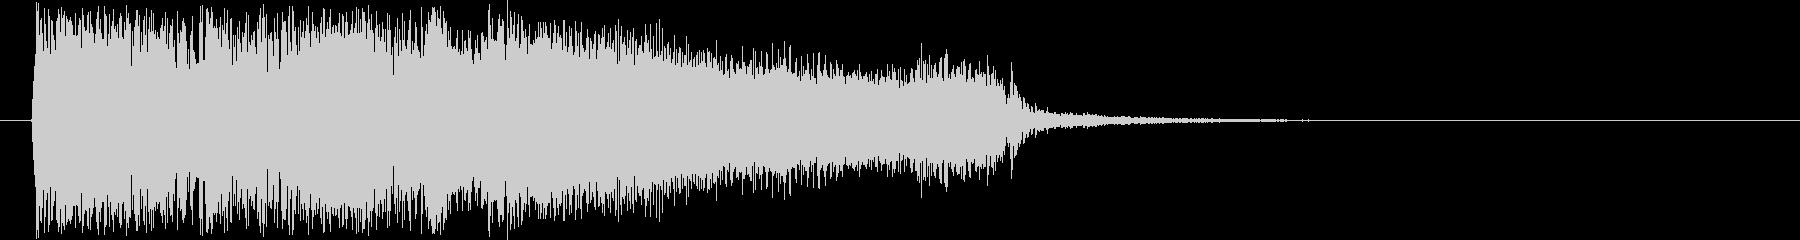 勢いのあるギターロック短めジングルの未再生の波形